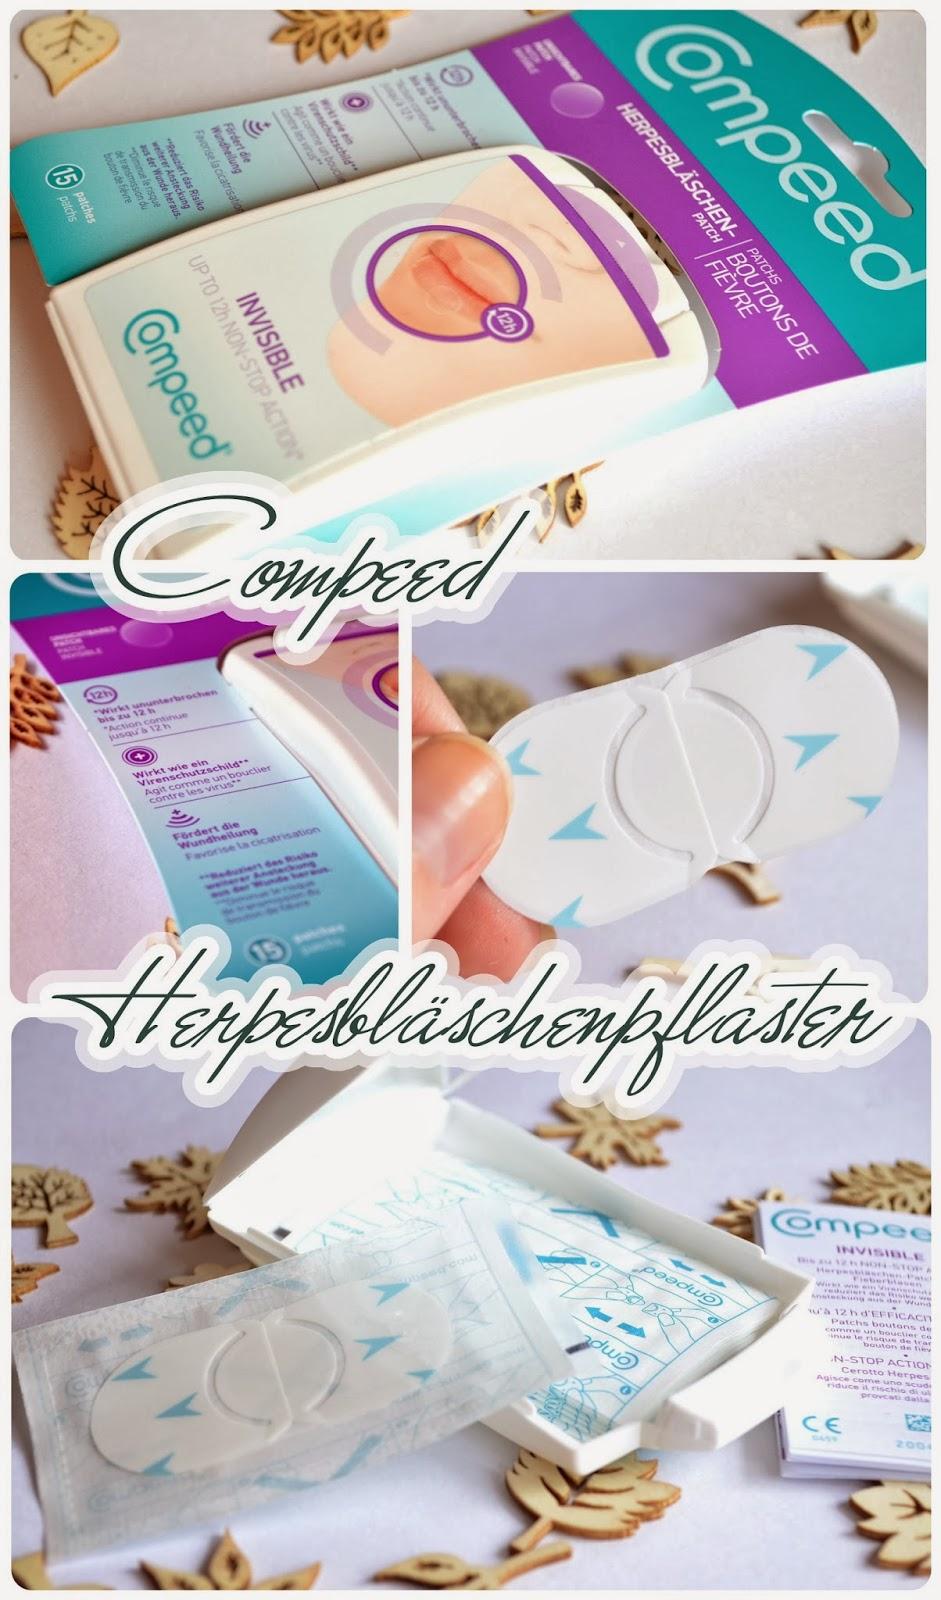 Compeed Herpesbläschenpflaster